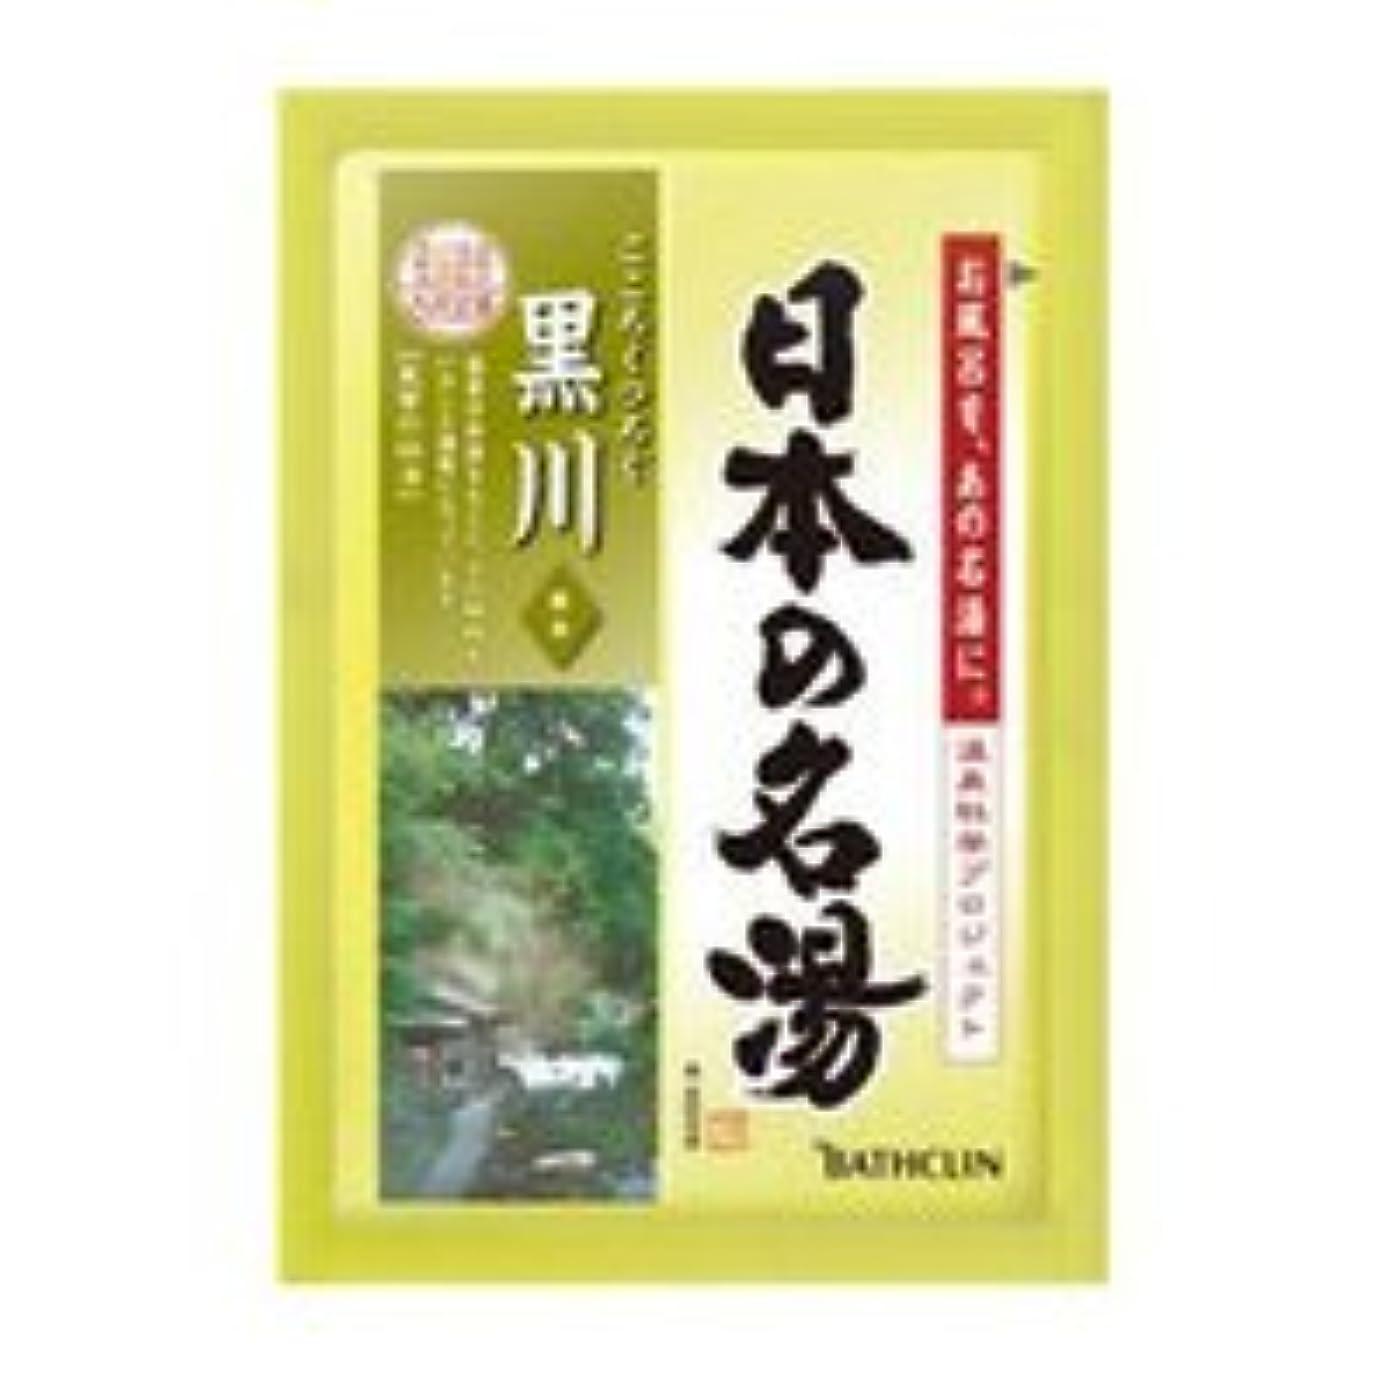 ヒギンズ間違えた哲学者バスクリン 日本の名湯 黒川 1包 30g (温泉タイプ入浴剤)×120点セット (4548514135093)